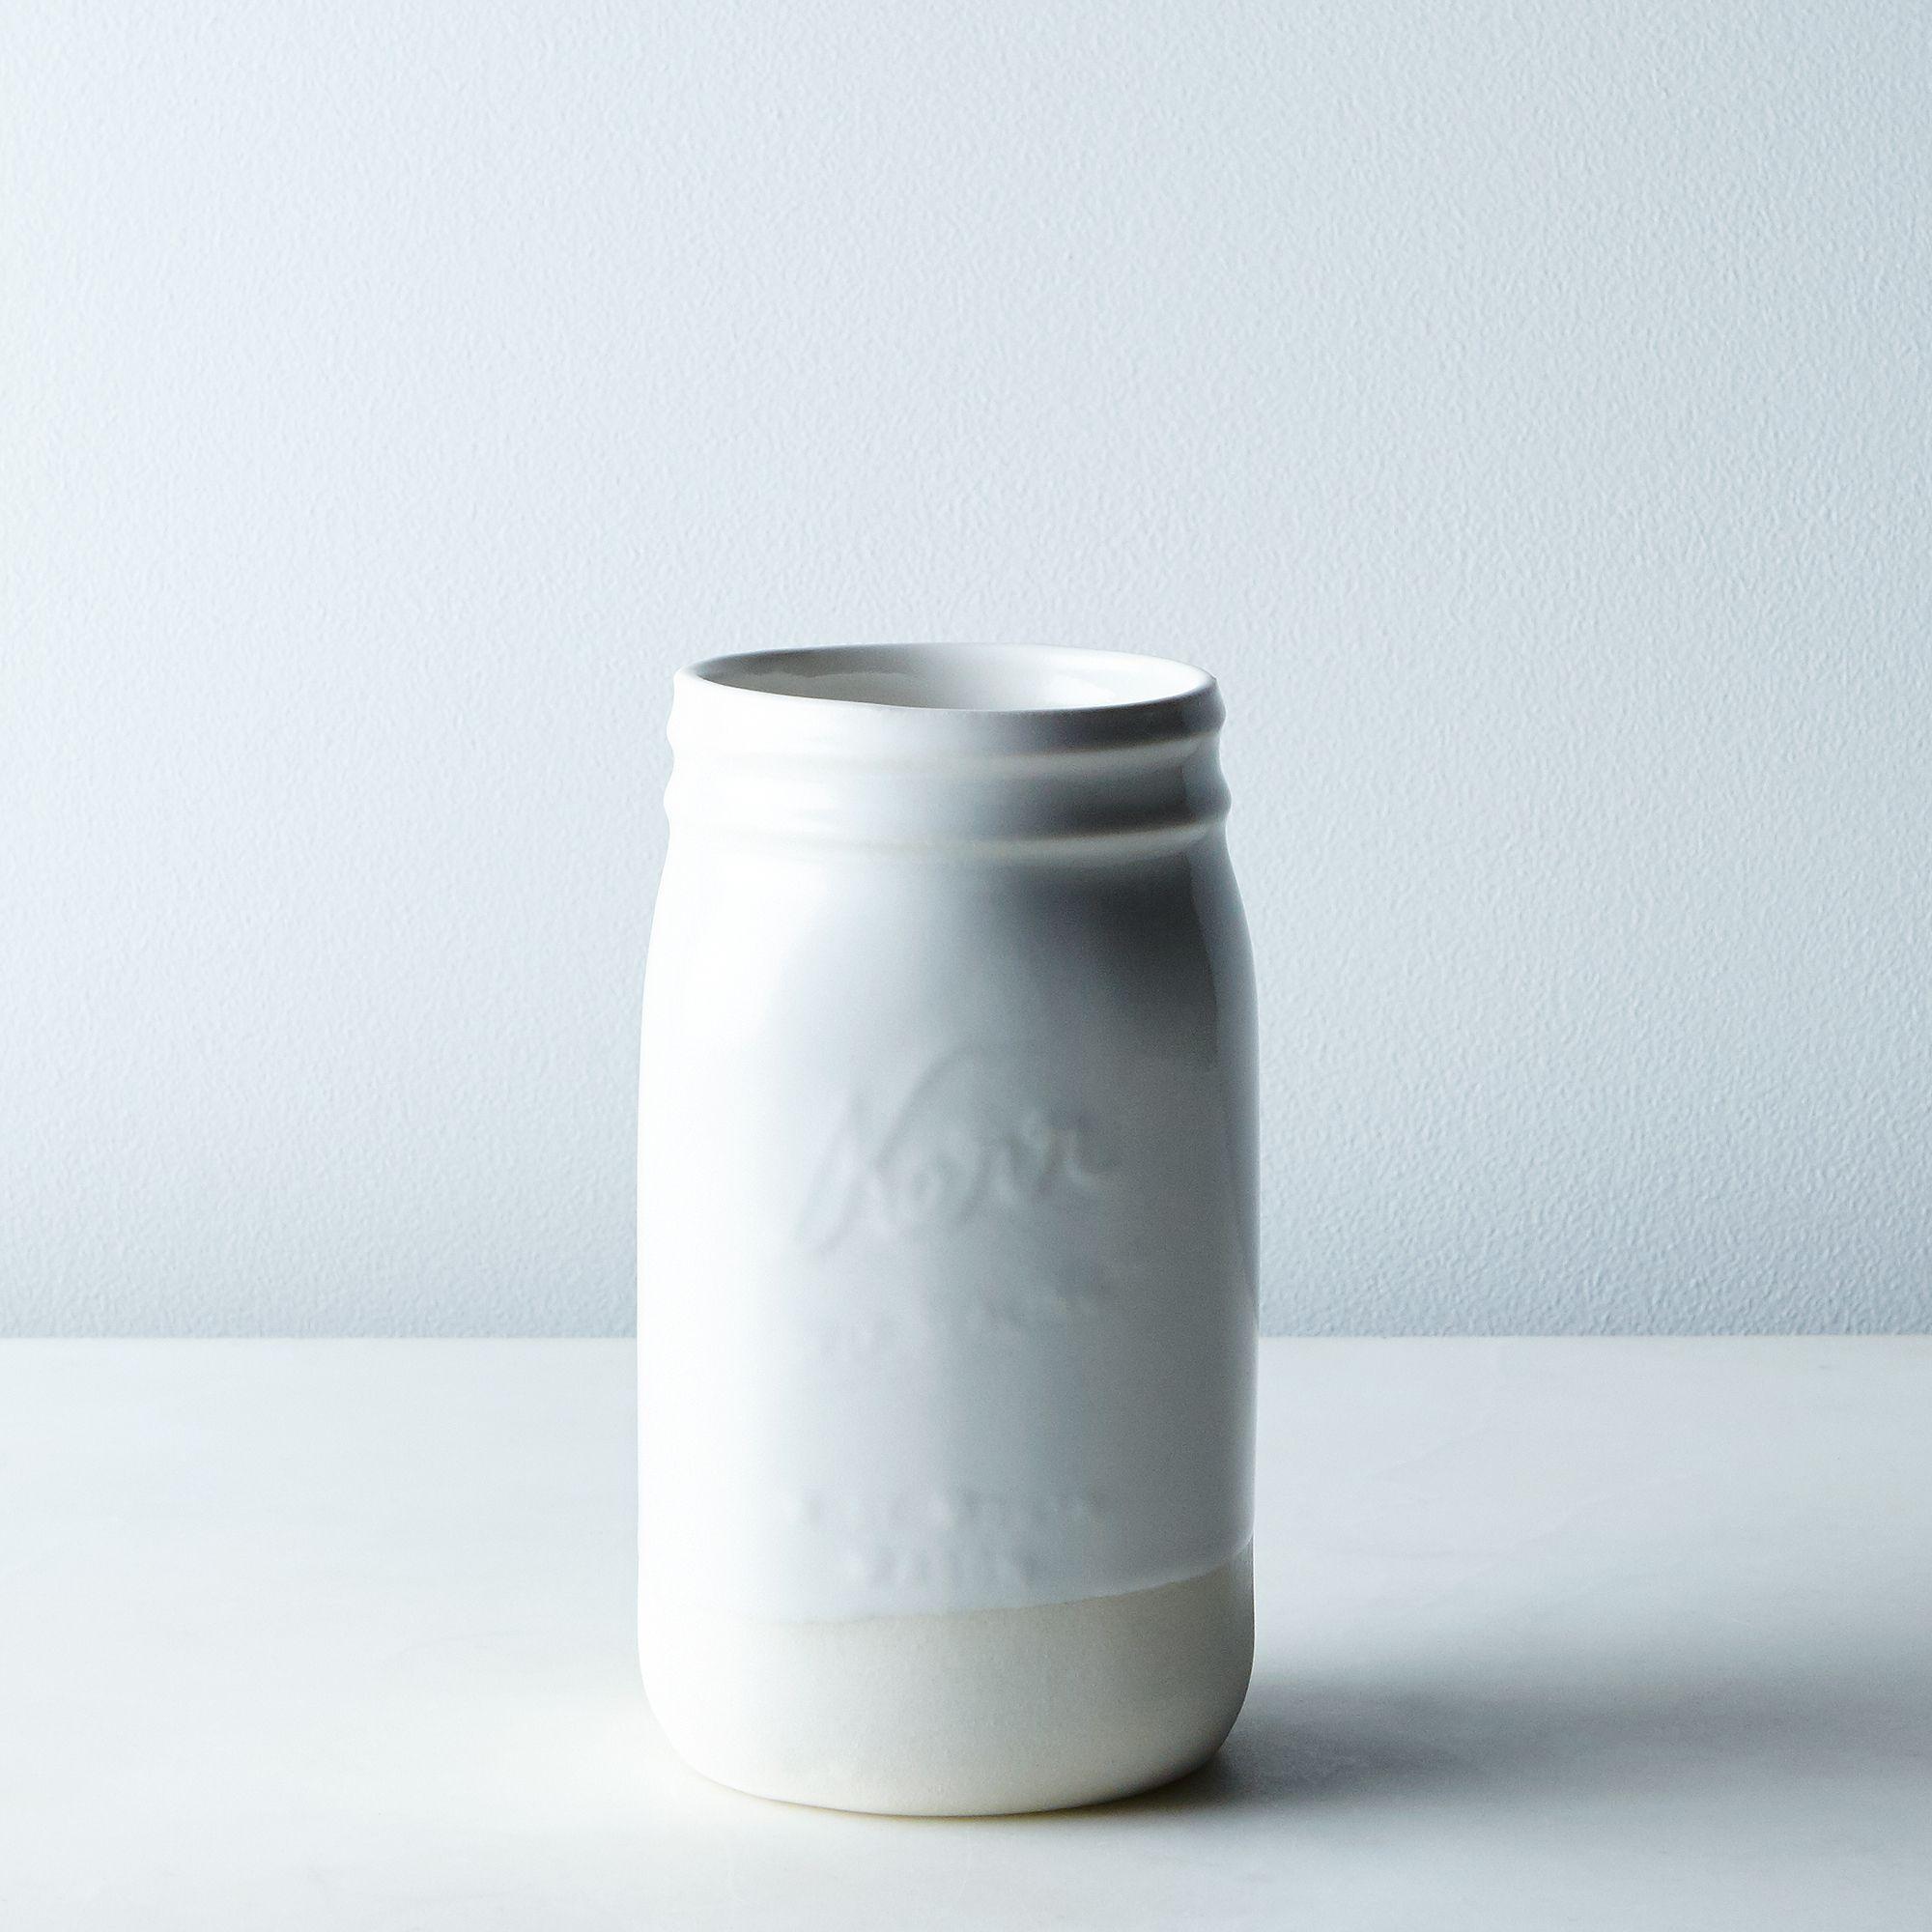 B6f53520 a0f8 11e5 a190 0ef7535729df  2015 0729 candy relics ball jar cup large silo rocky luten 005